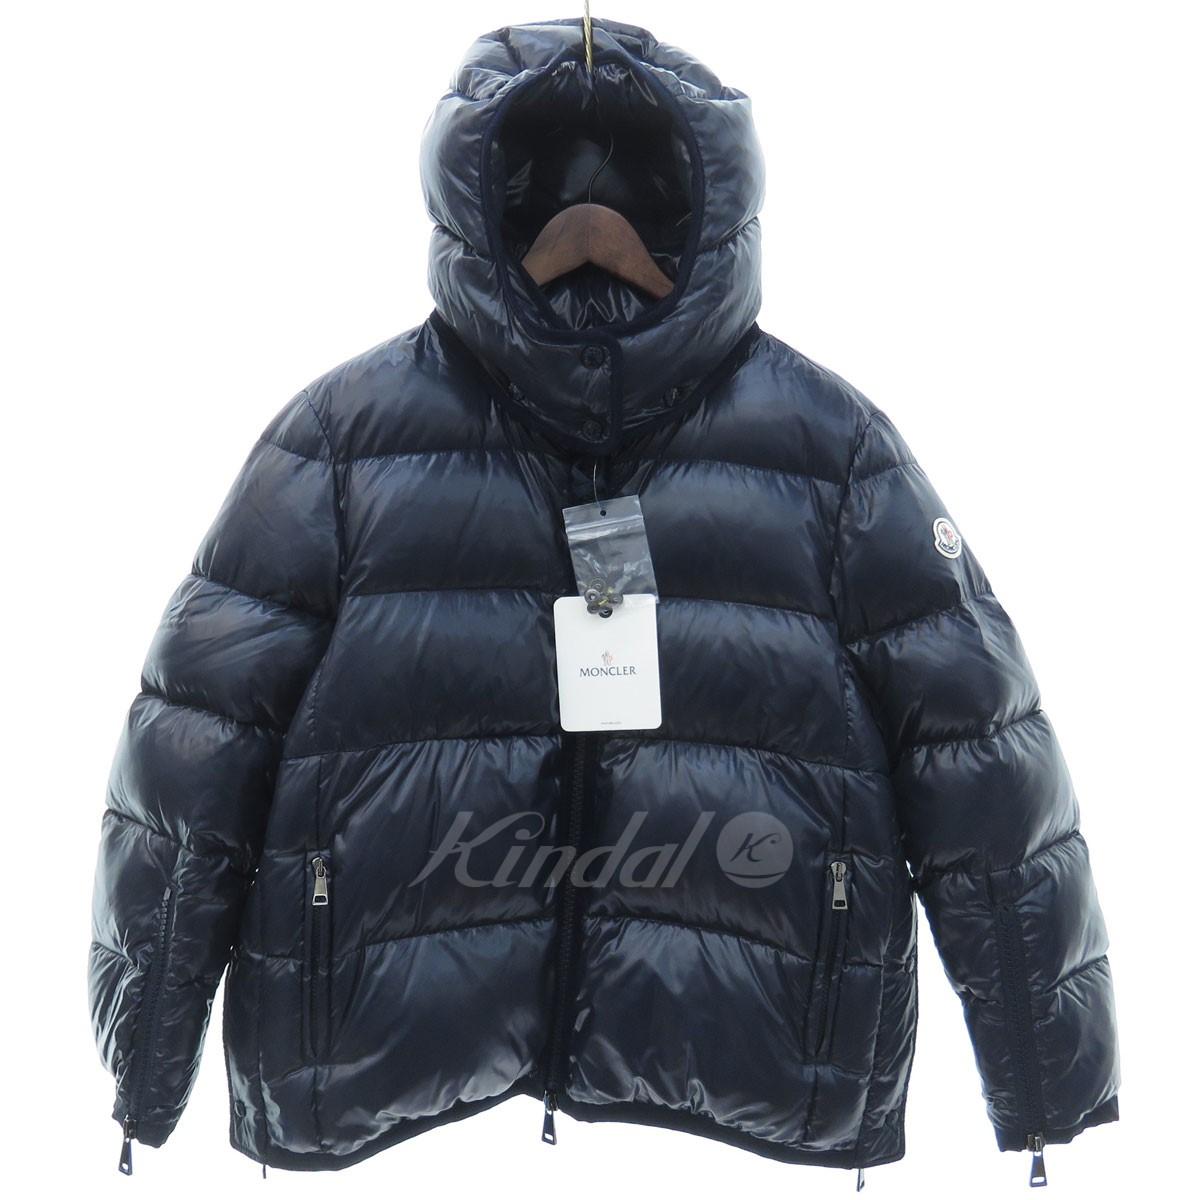 【中古】MONCLER COTINUS ダウンジャケット ネイビー サイズ:1 【031019】(モンクレール)